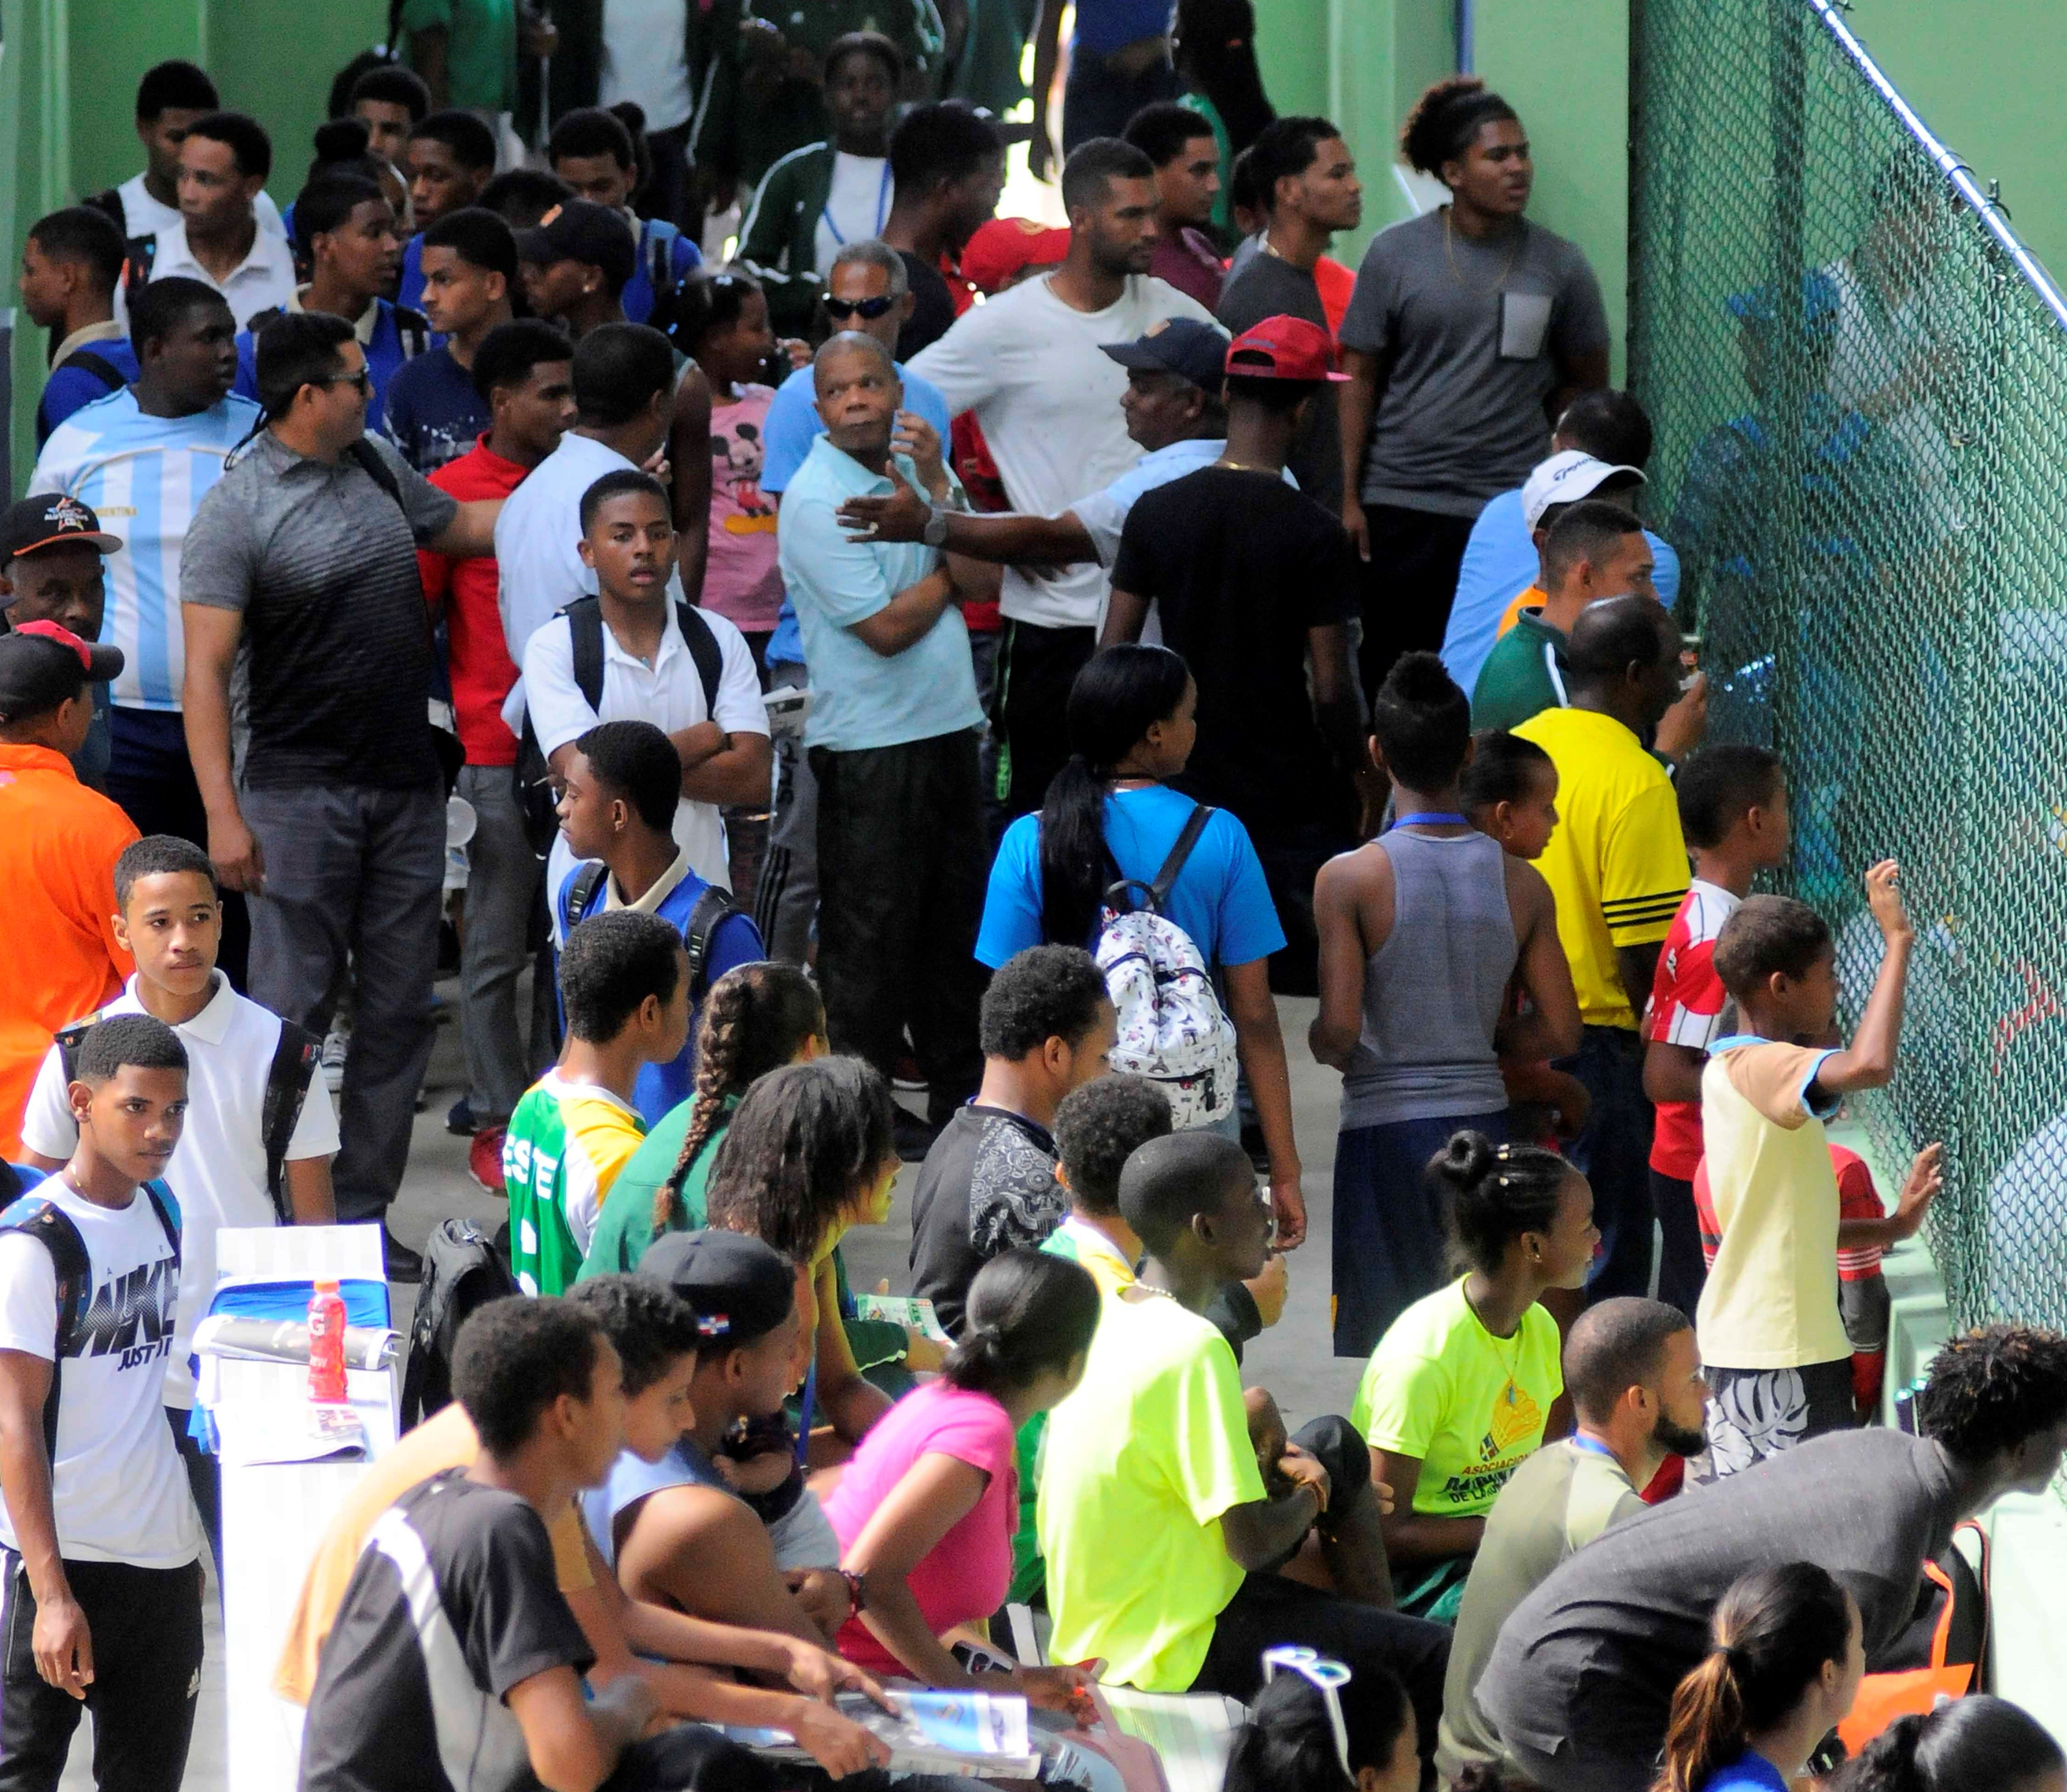 Torneo de judo concluye este sábado; pesas y taekwondo siguen en Juegos Escolares